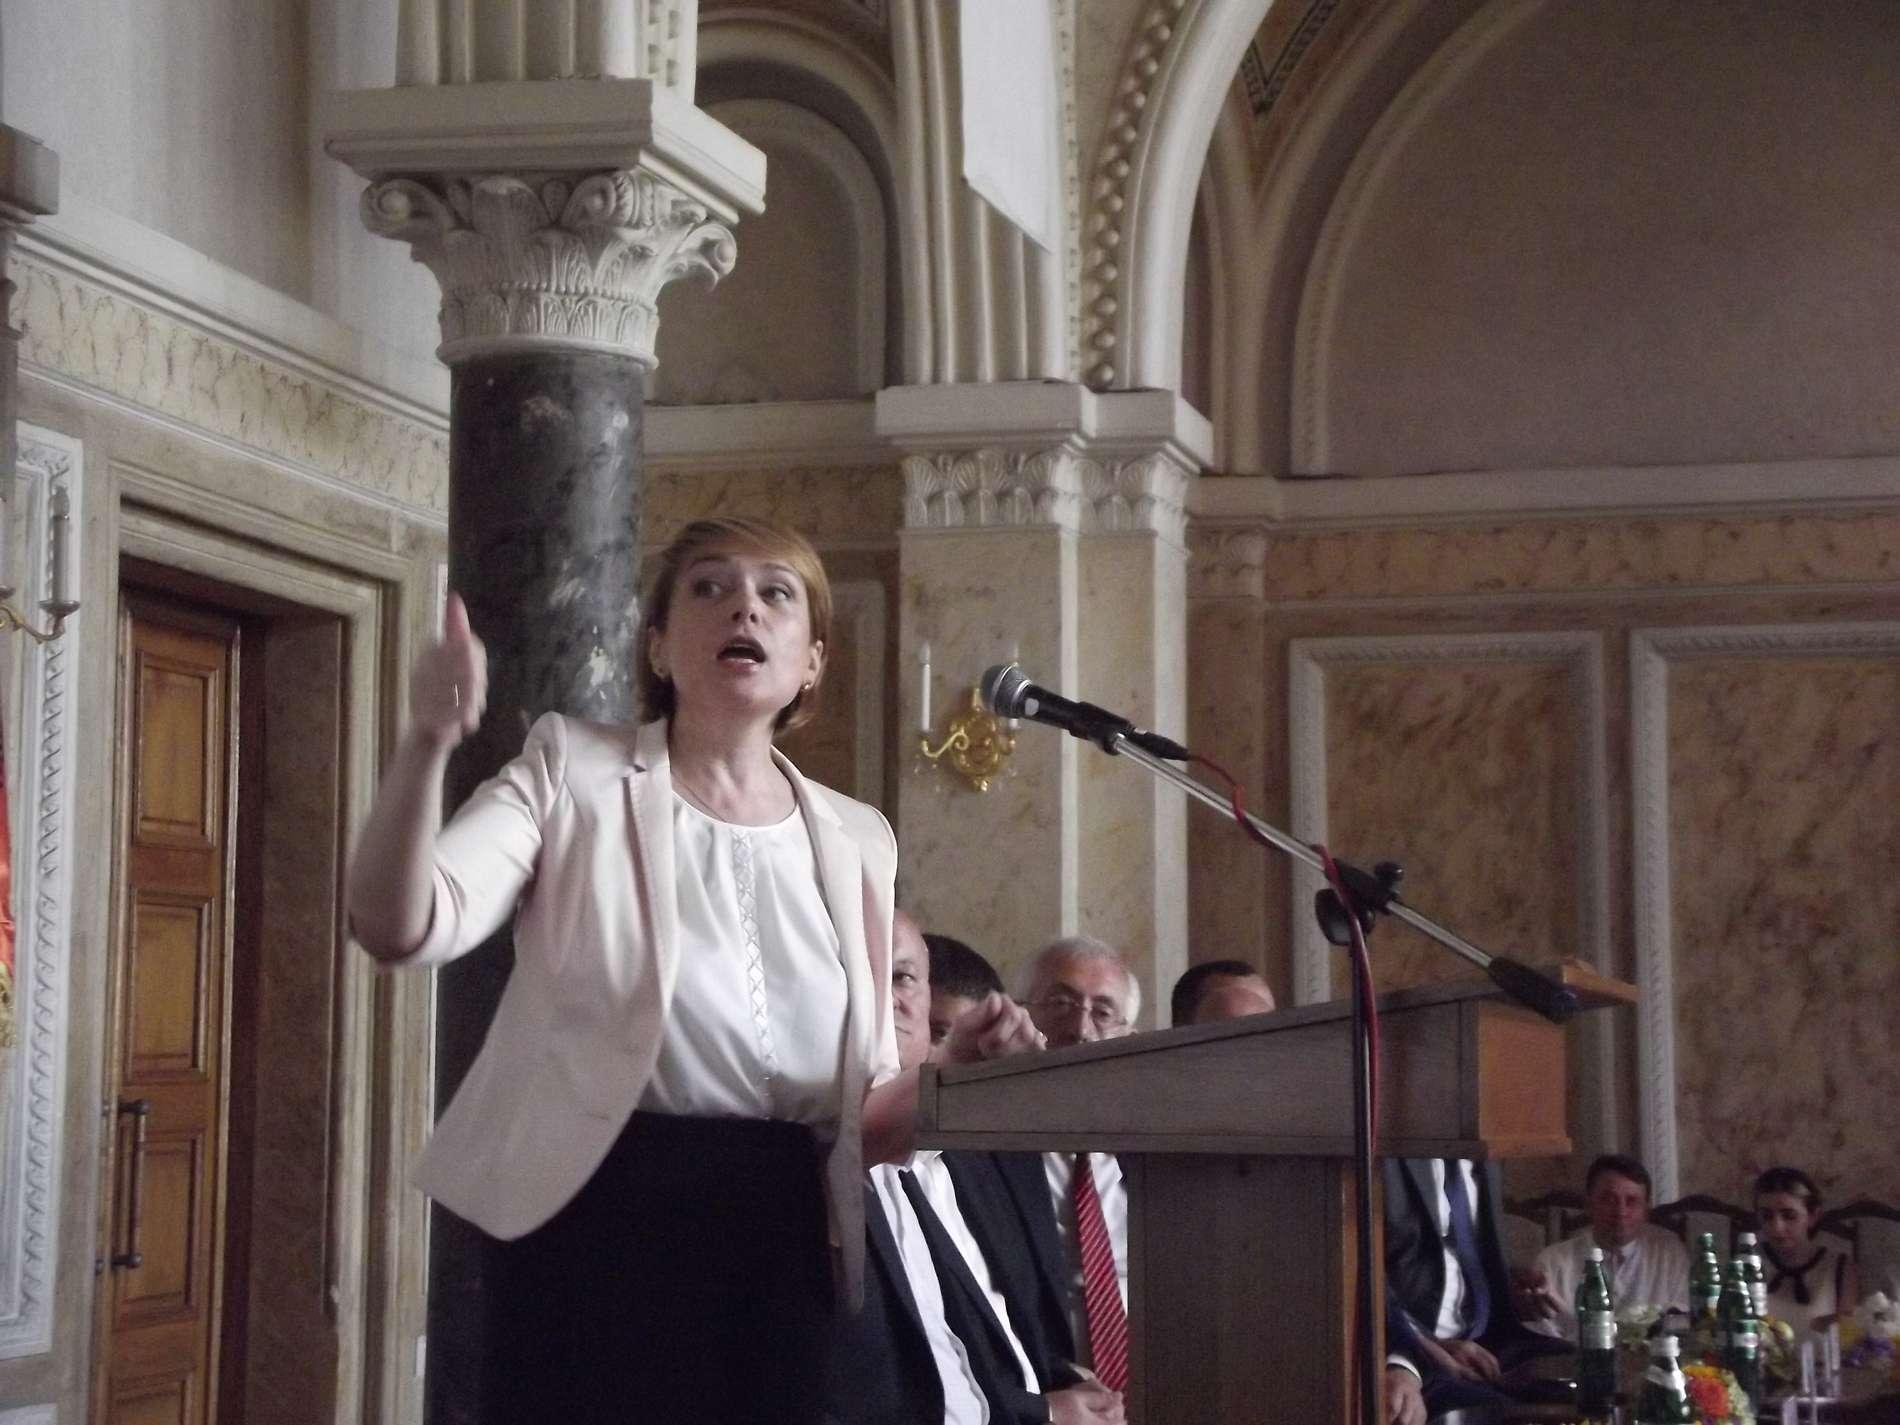 Міністр освіти і науки Лілія Гриневич у Чернівцях поділилась своїм баченням шкільної освіти